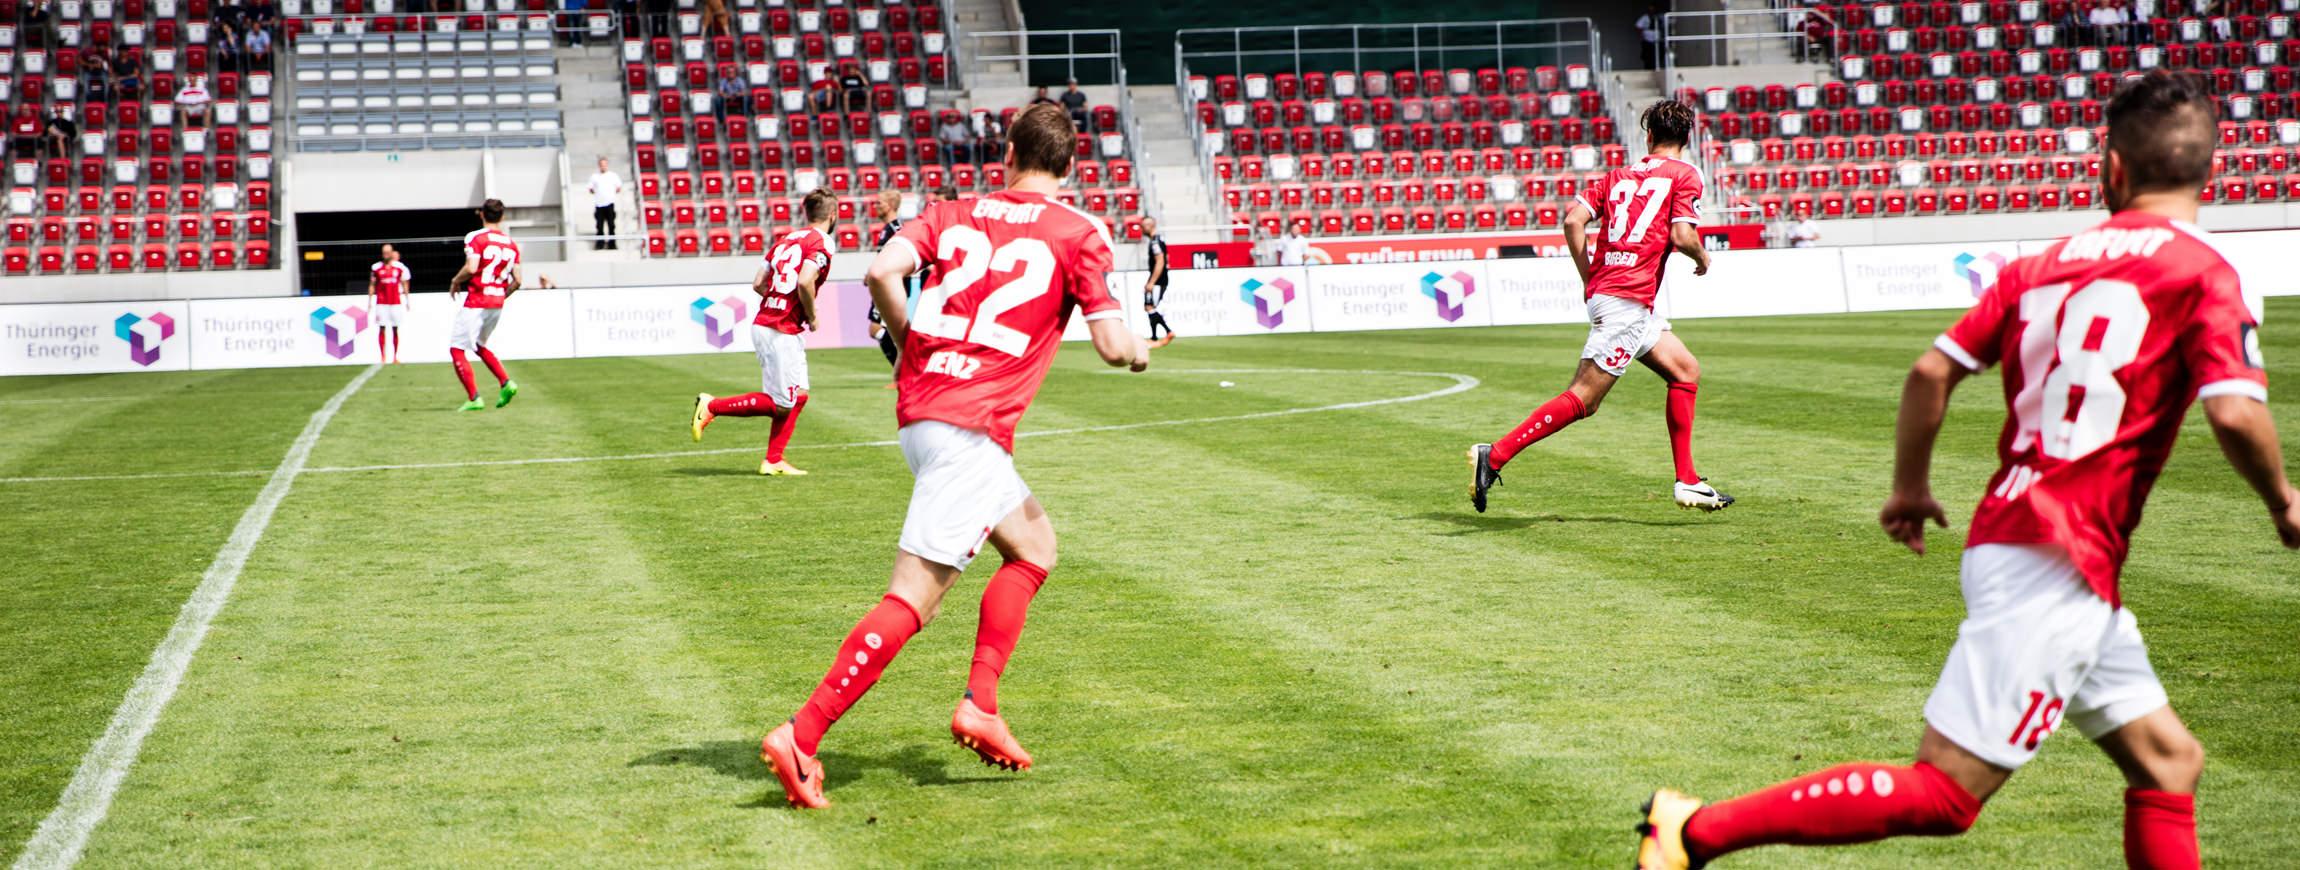 Header-Fussball-IMG1